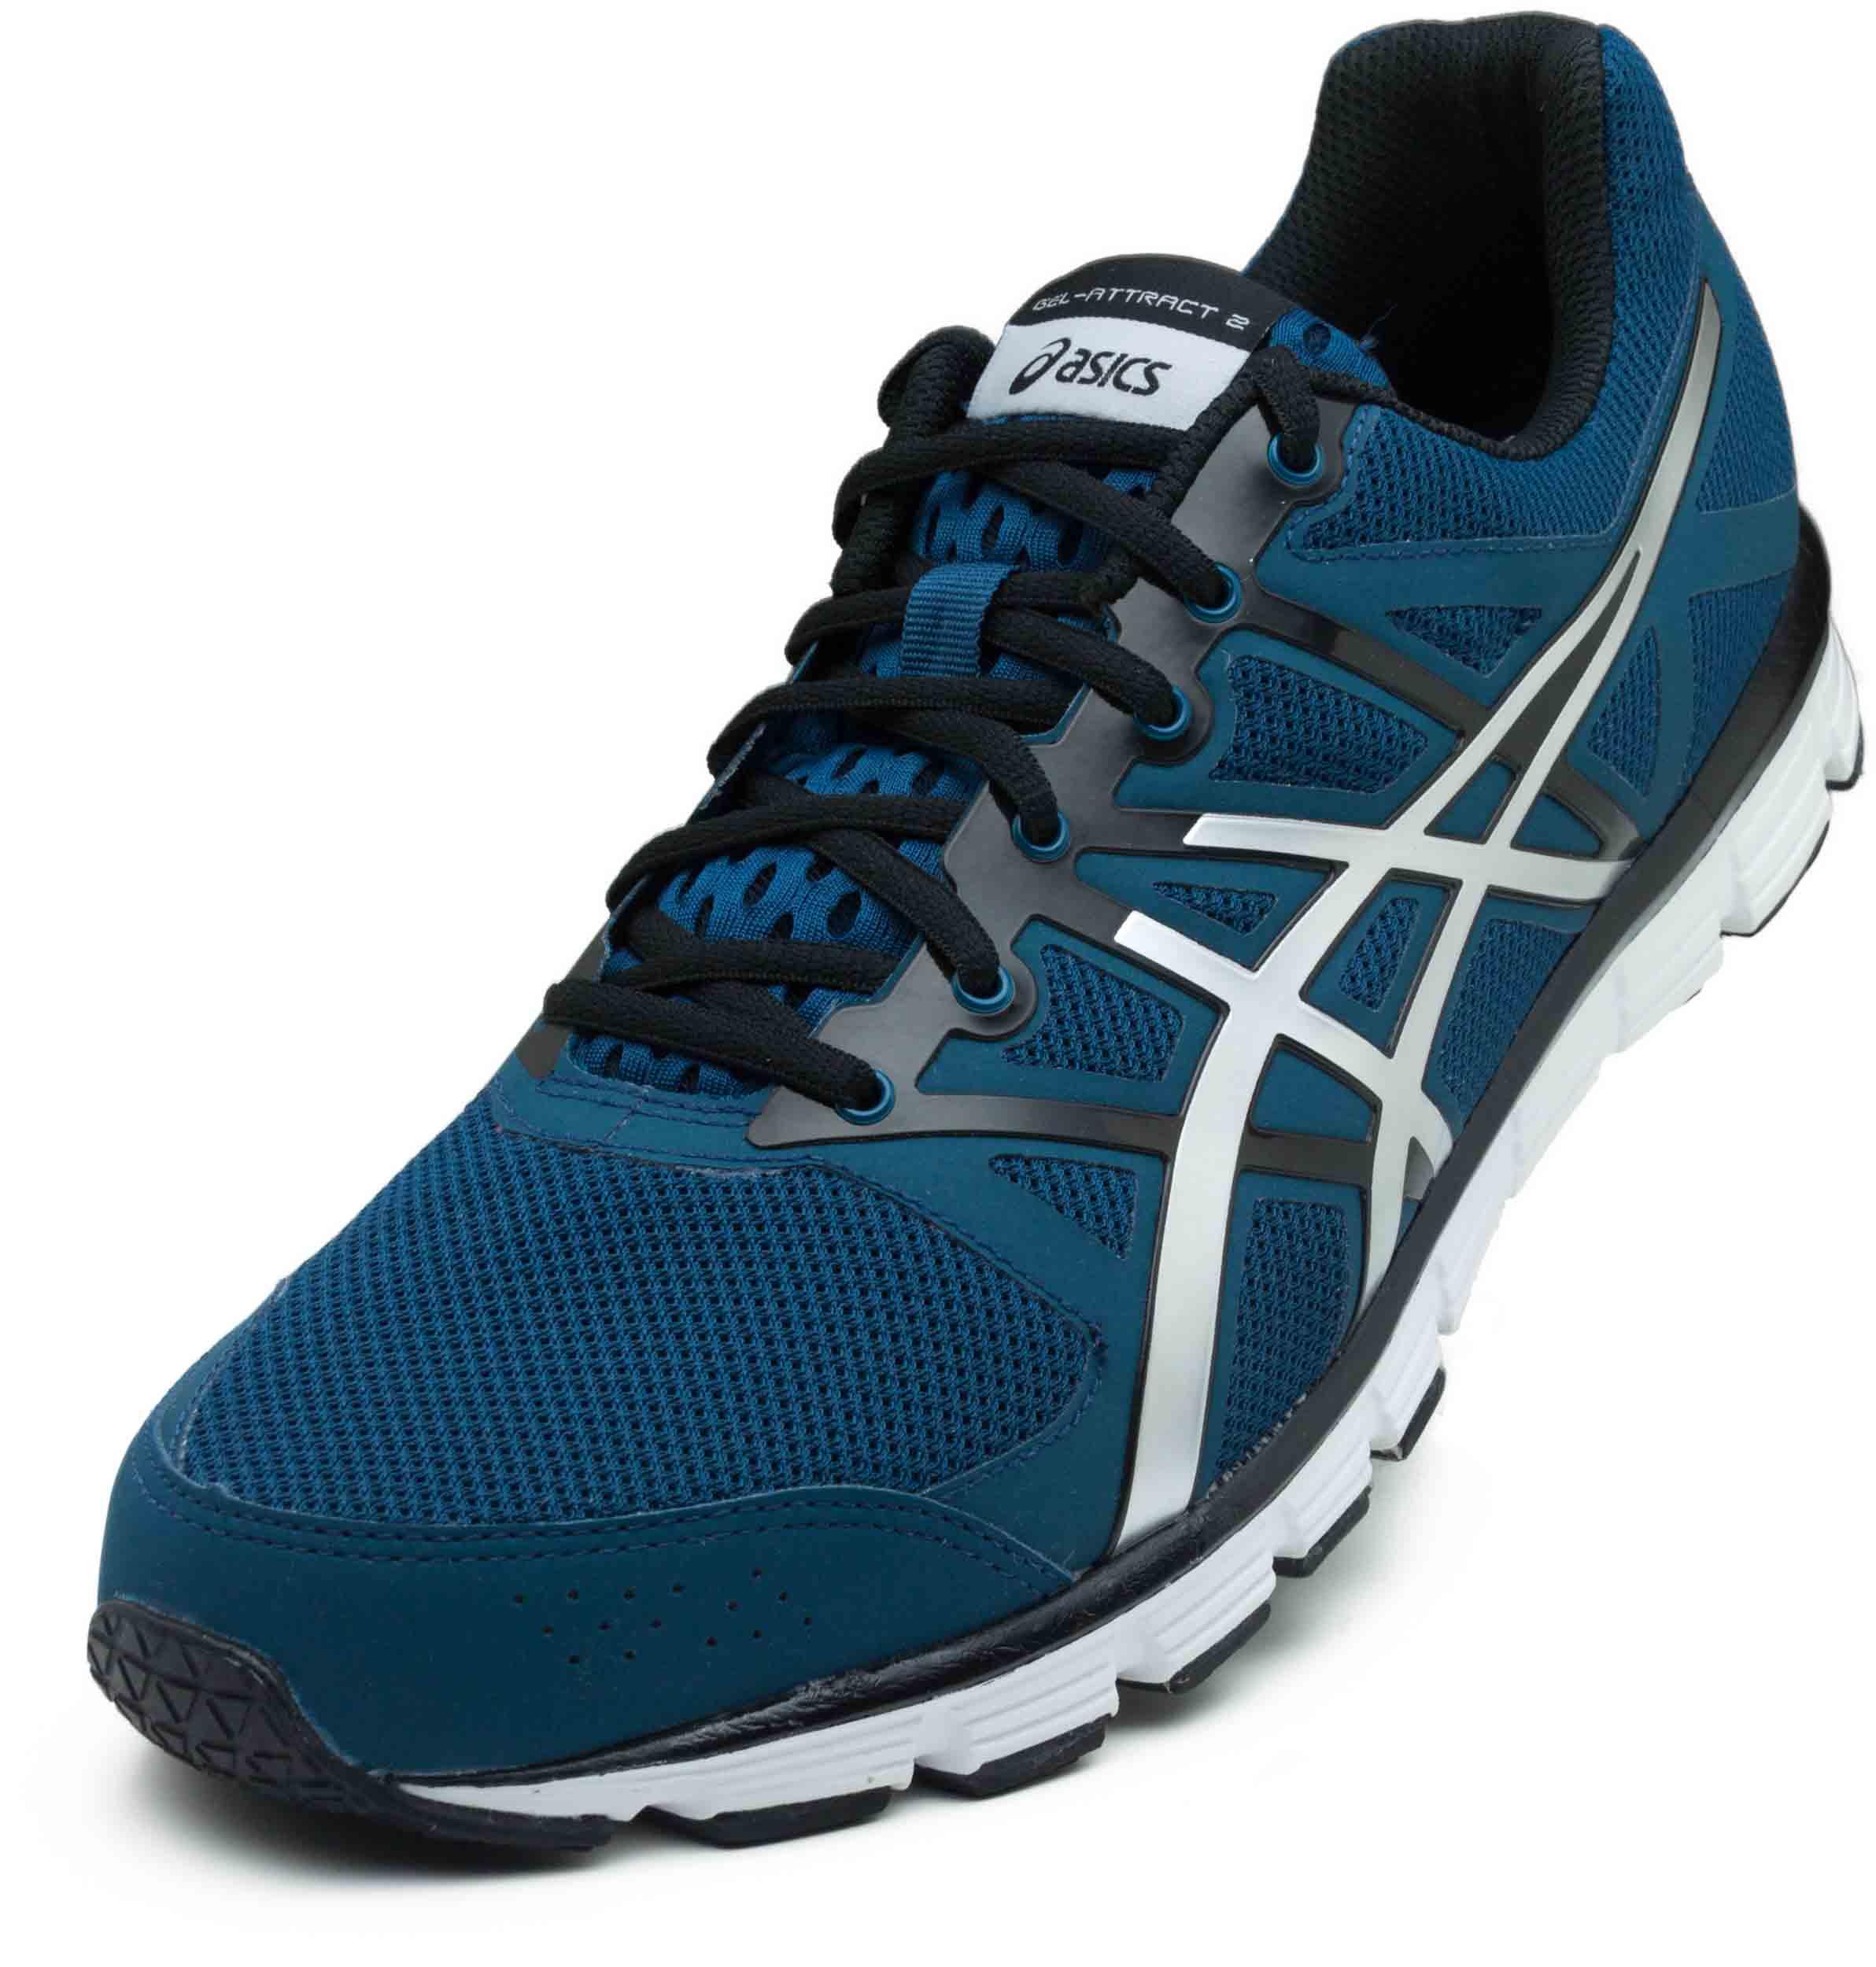 Pánská běžecká obuv Asics Gel-Attract 2|UK 11,5